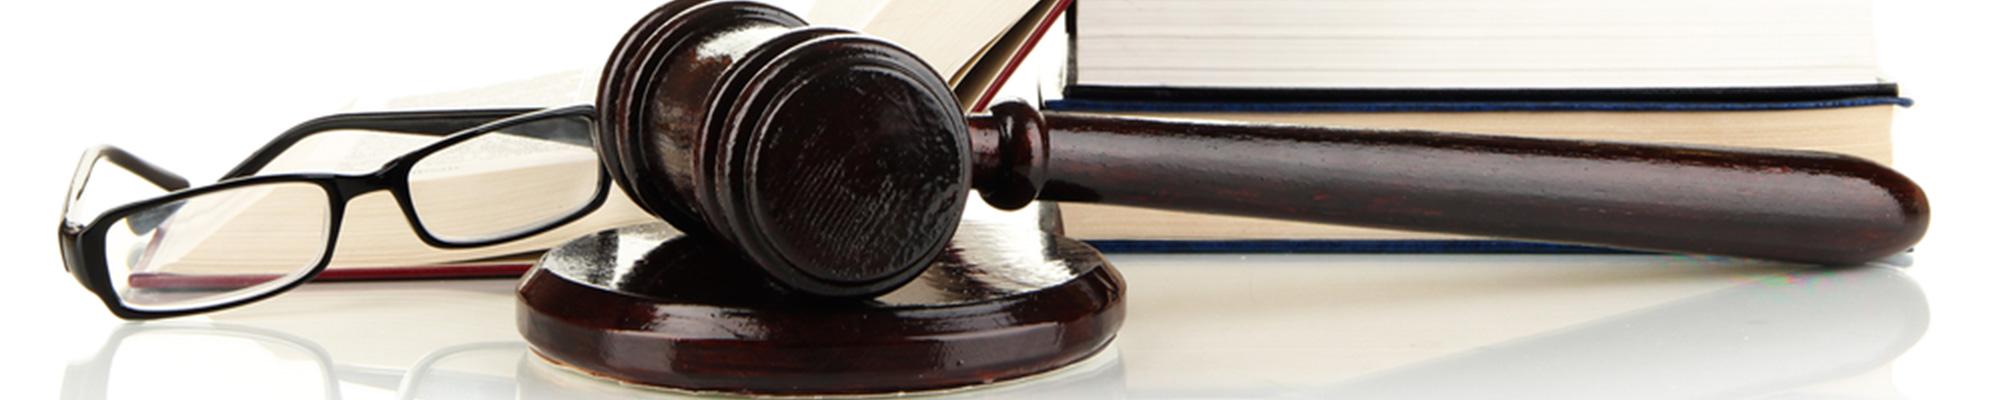 slider-juristid